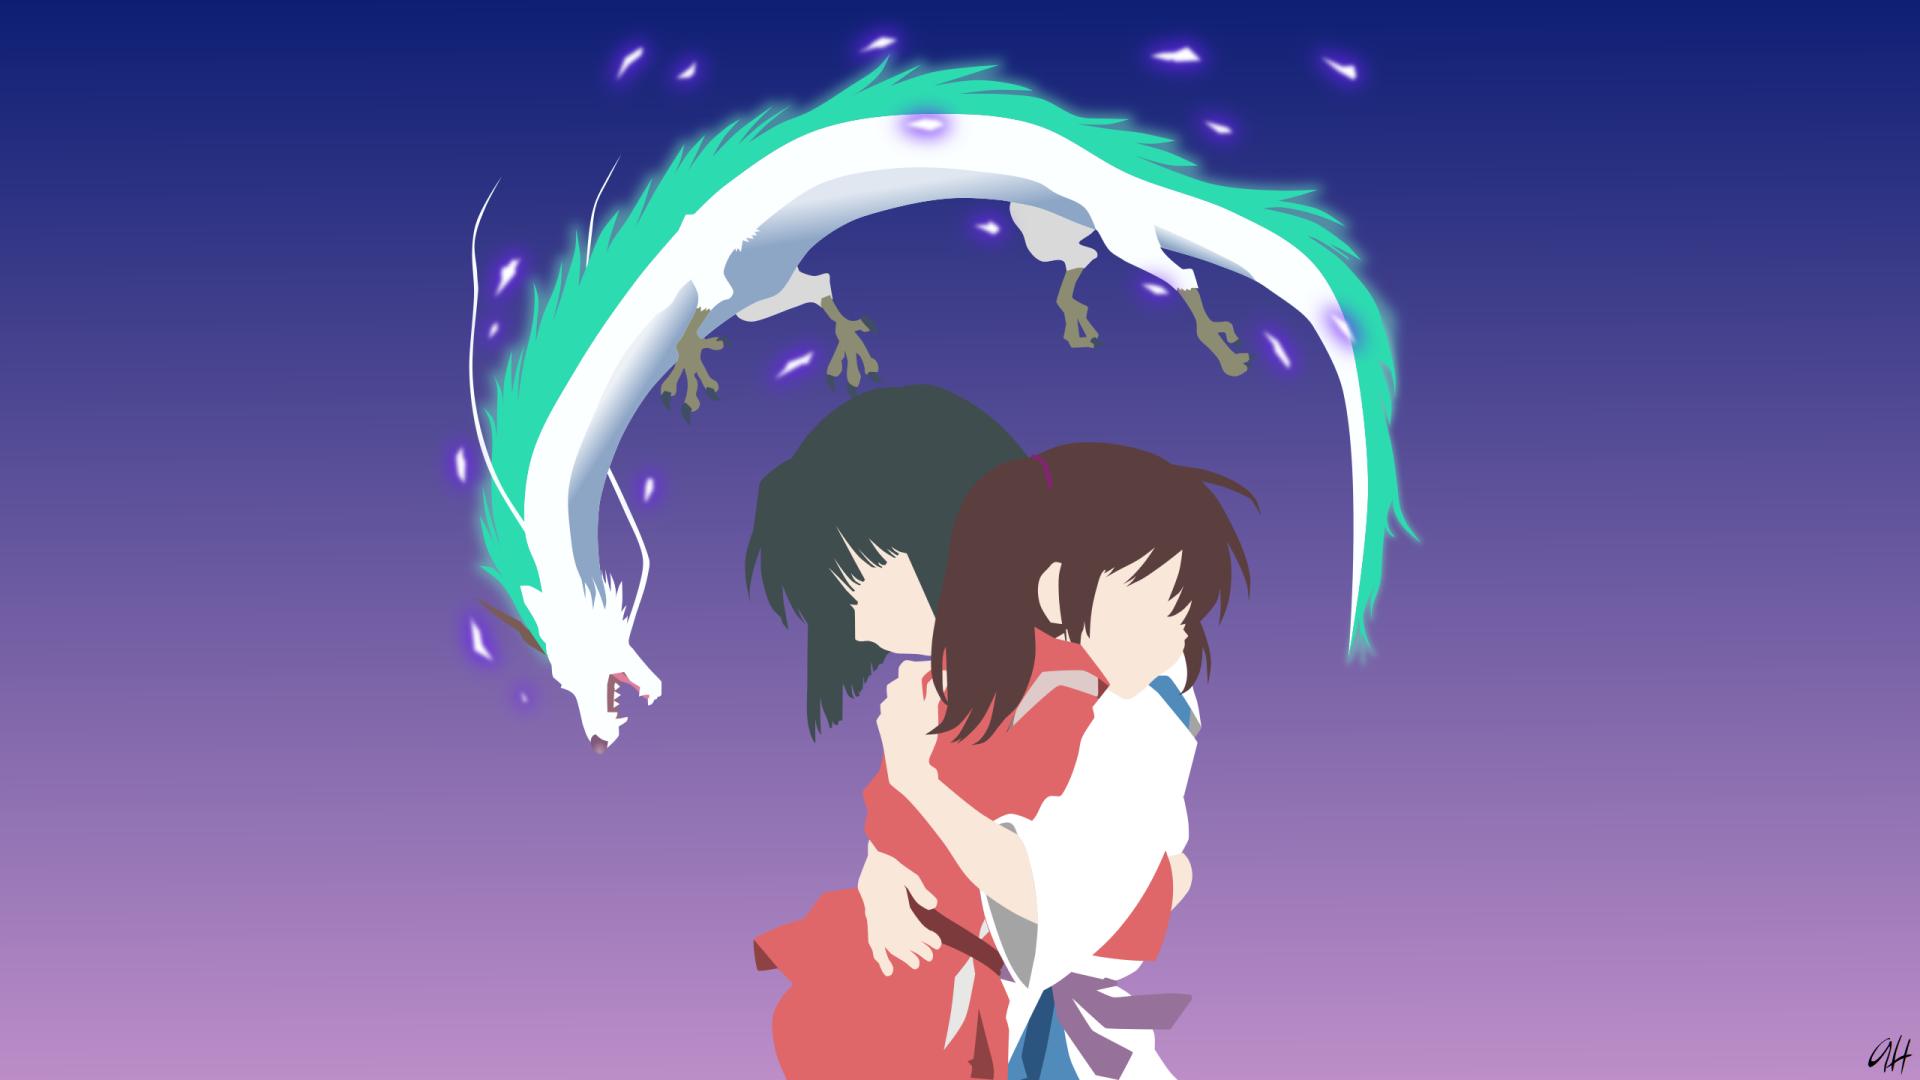 Film Spirited Away Chihiro Spirited Away Anime Minimalist Haku